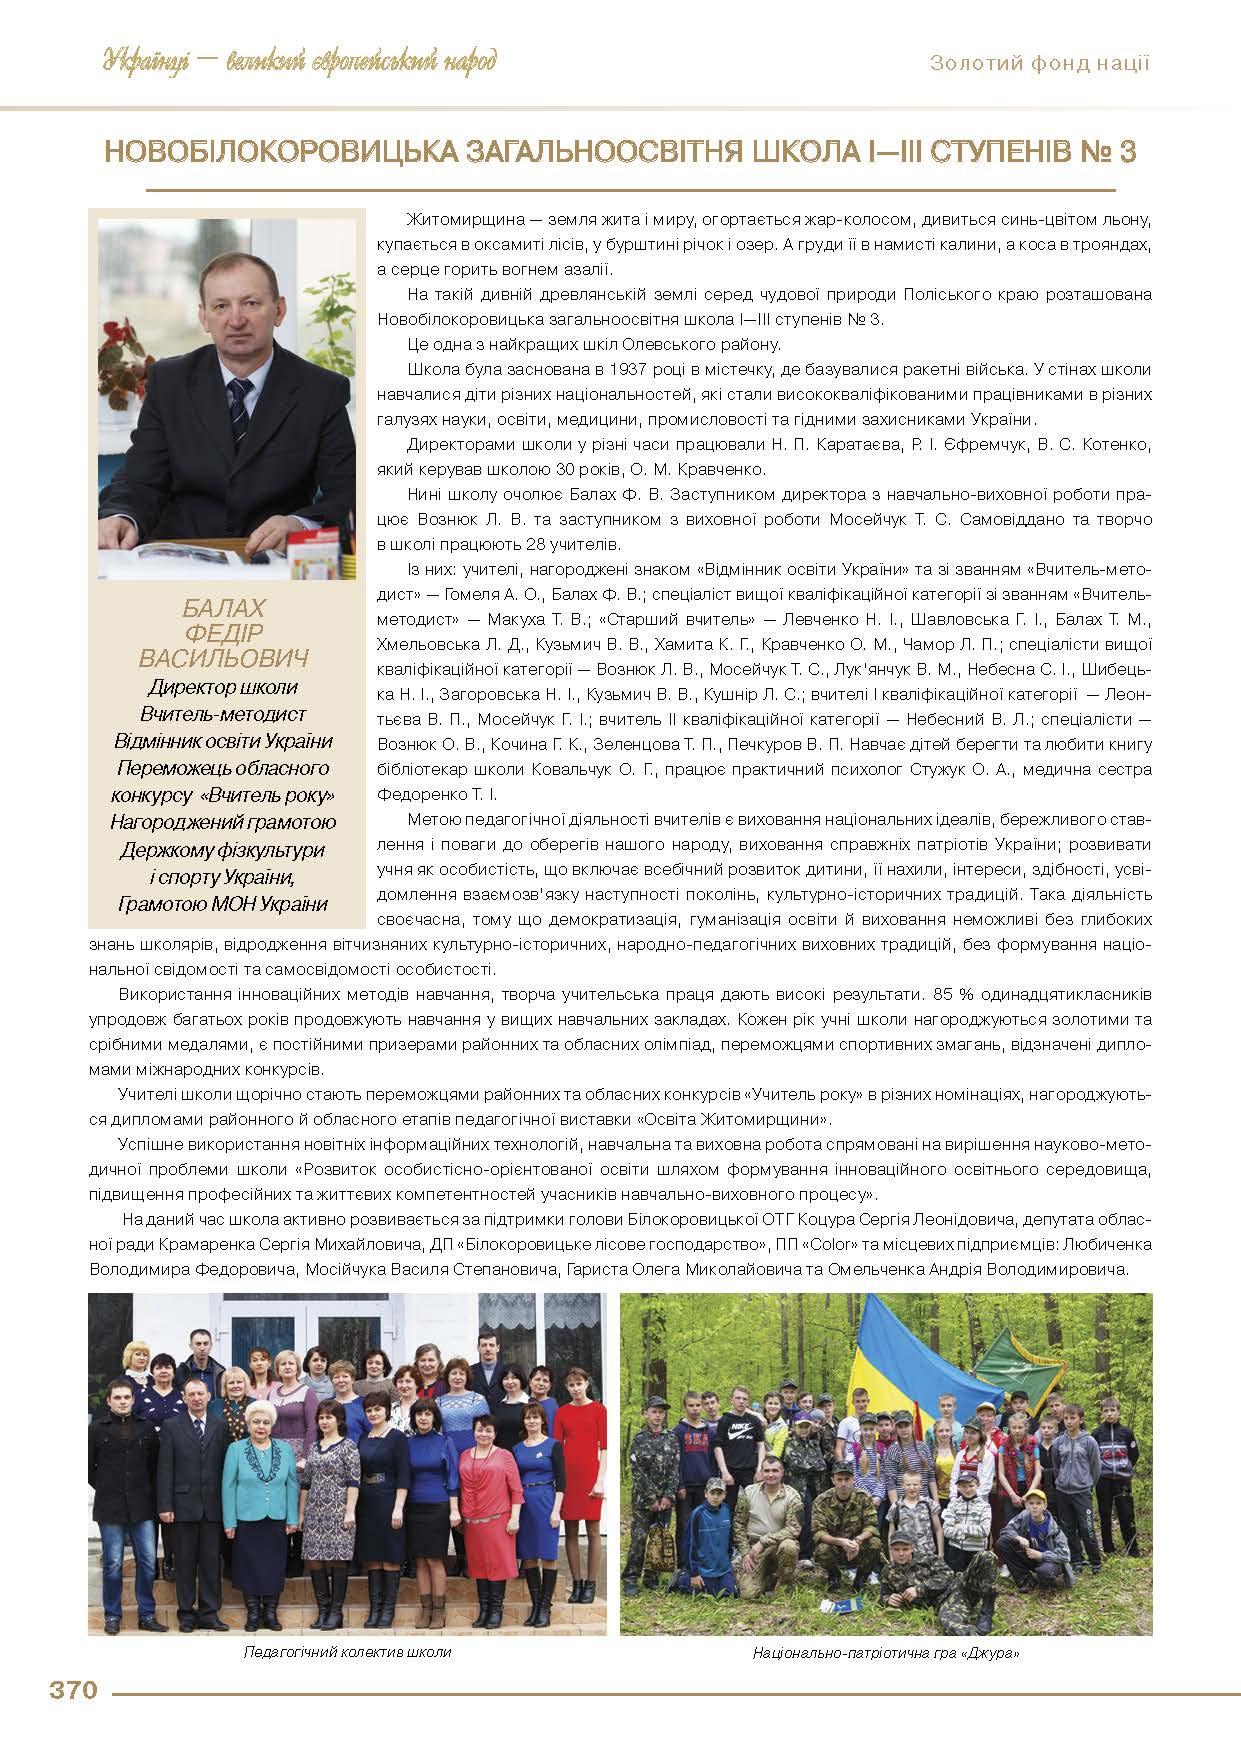 Новобілокоровицька загальноосвітня школа I—III ступенів № 3 - Балах Федір Васильович